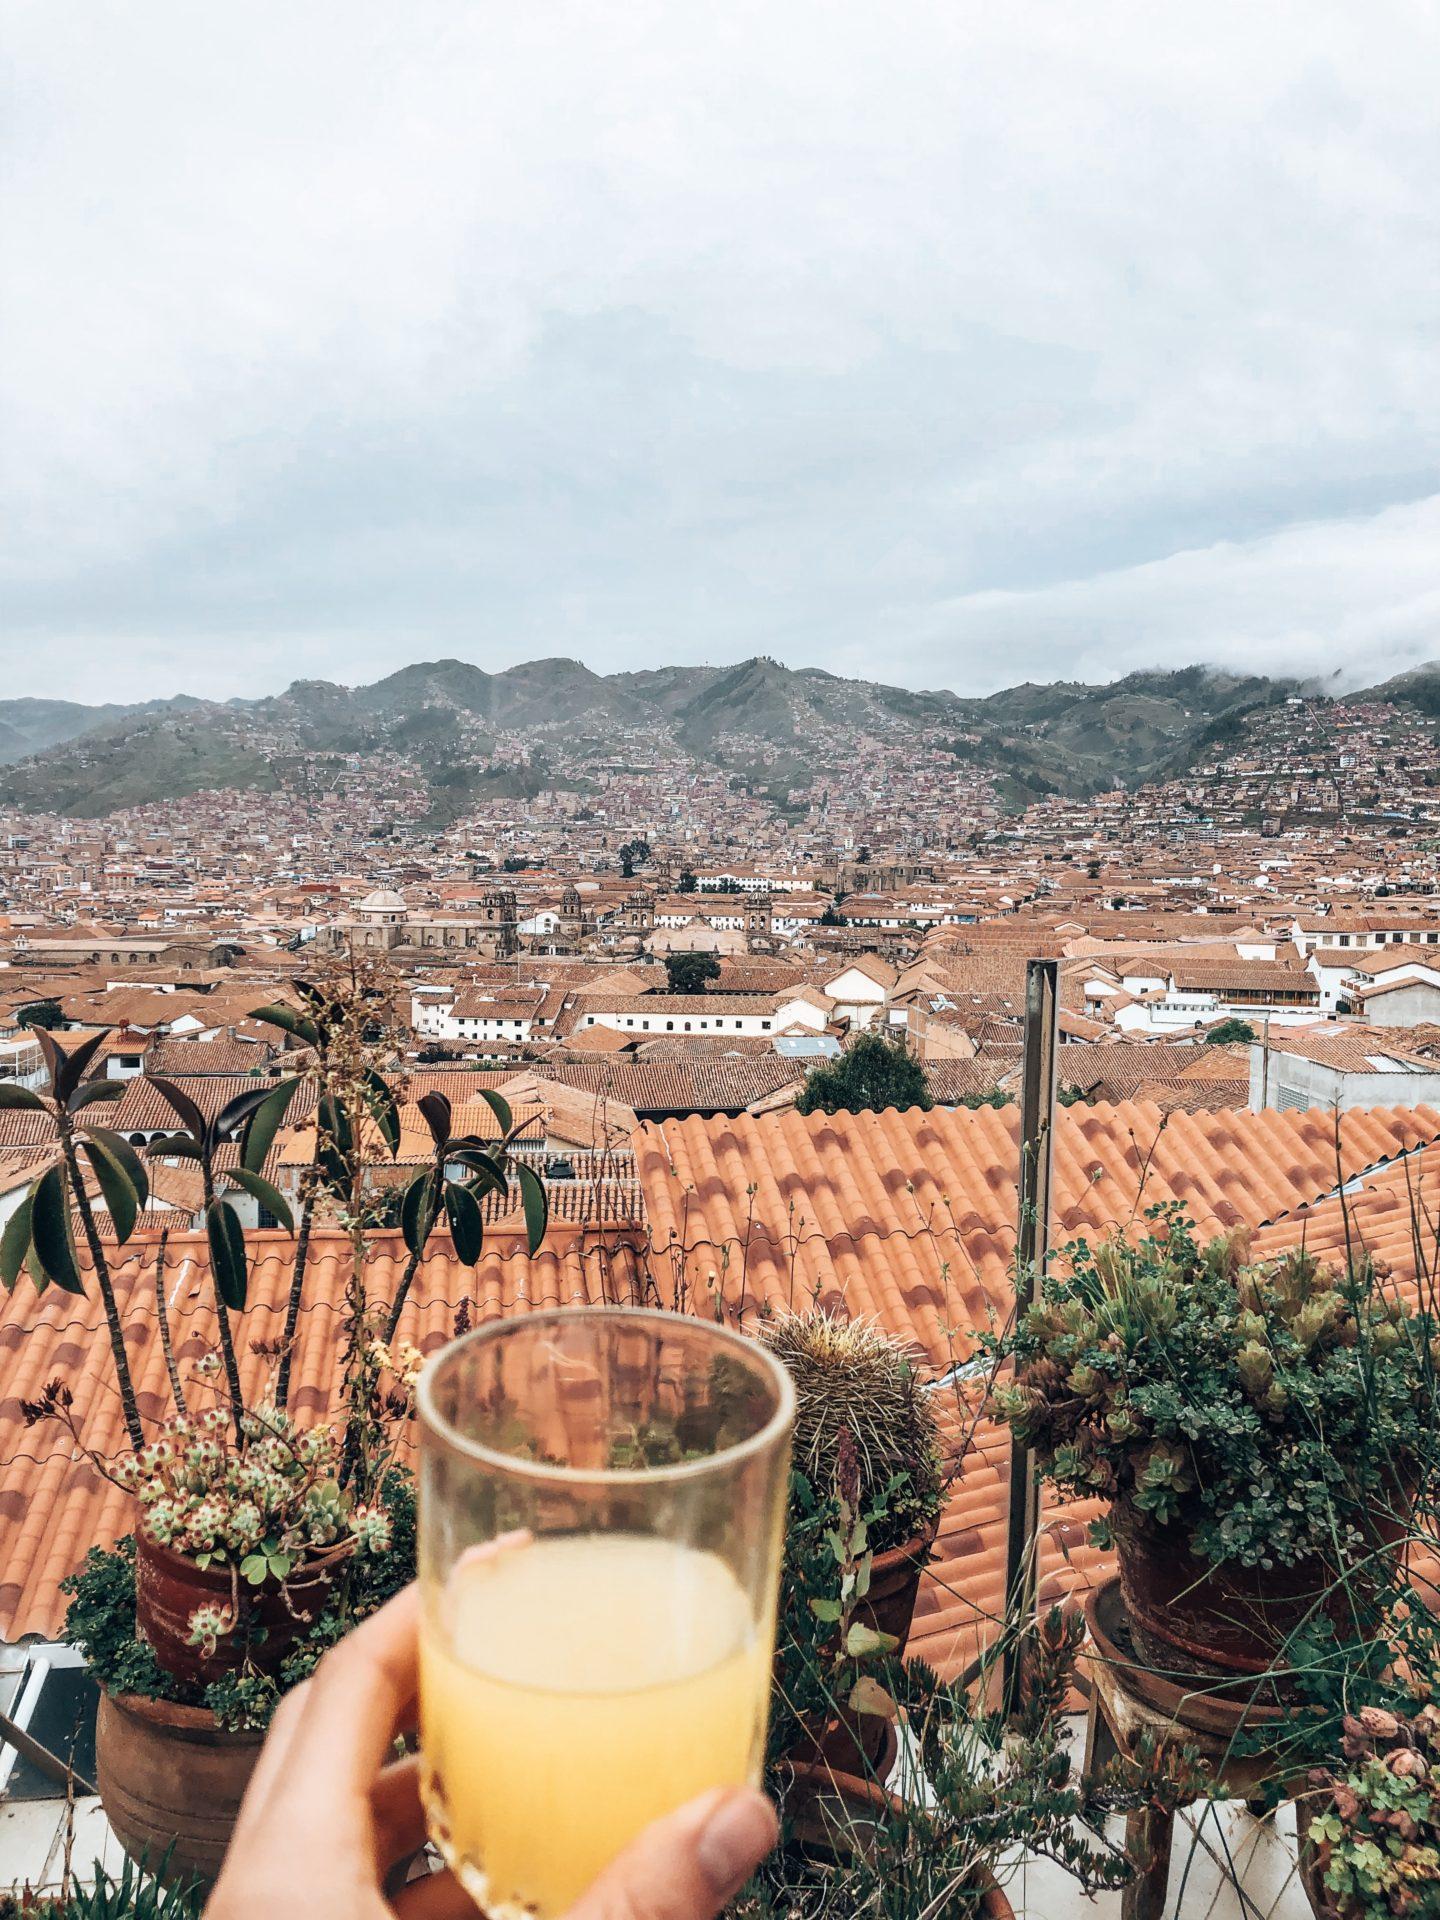 One last fresh OJ cheers to Cusco Peru!